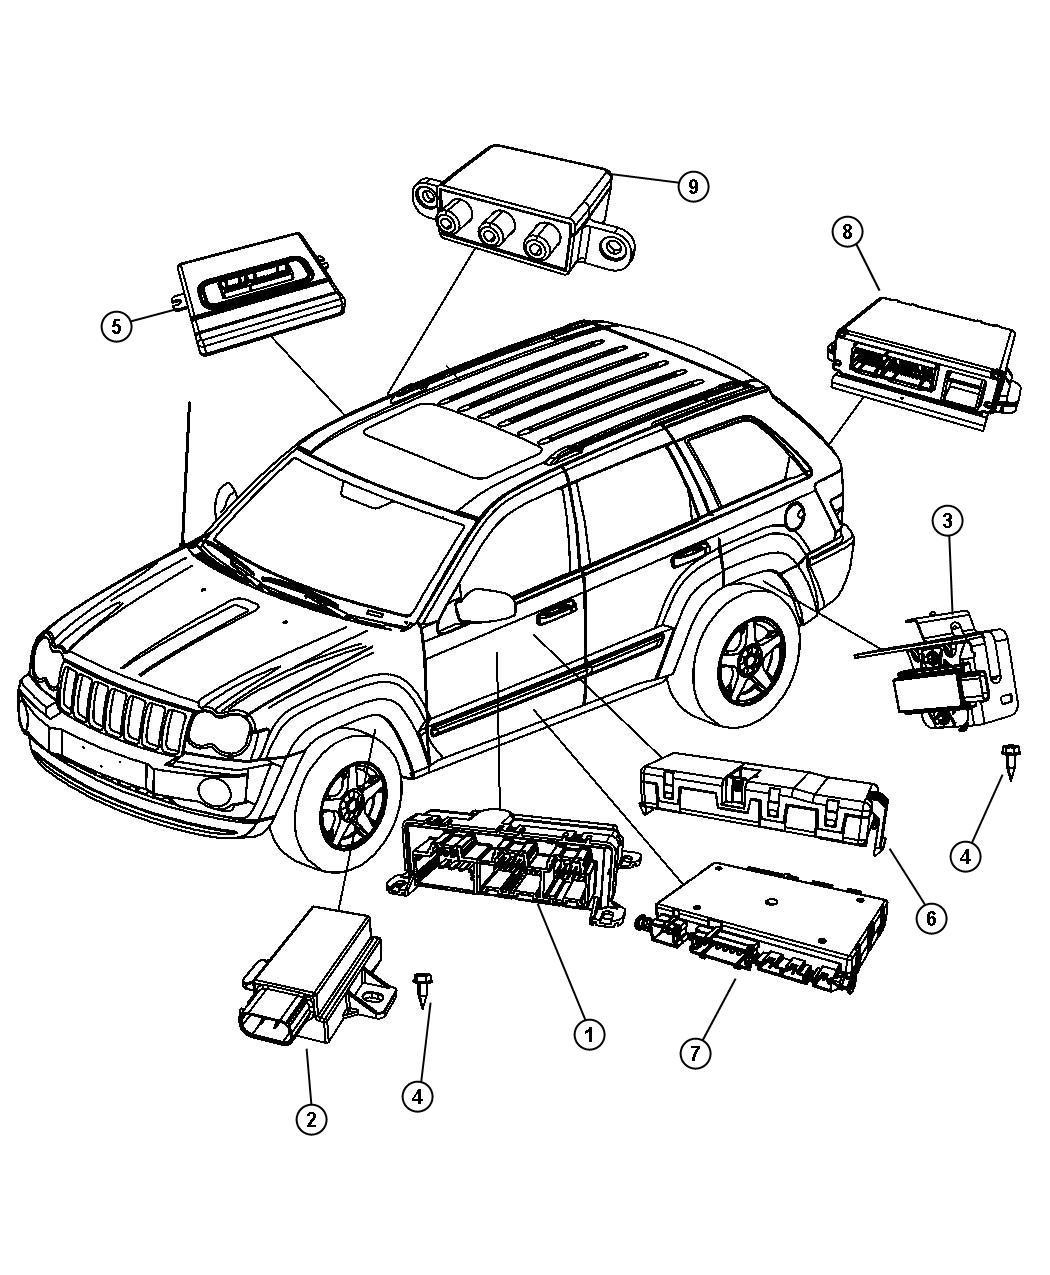 2008 Jeep Commander Module. Tire pressure monitoring